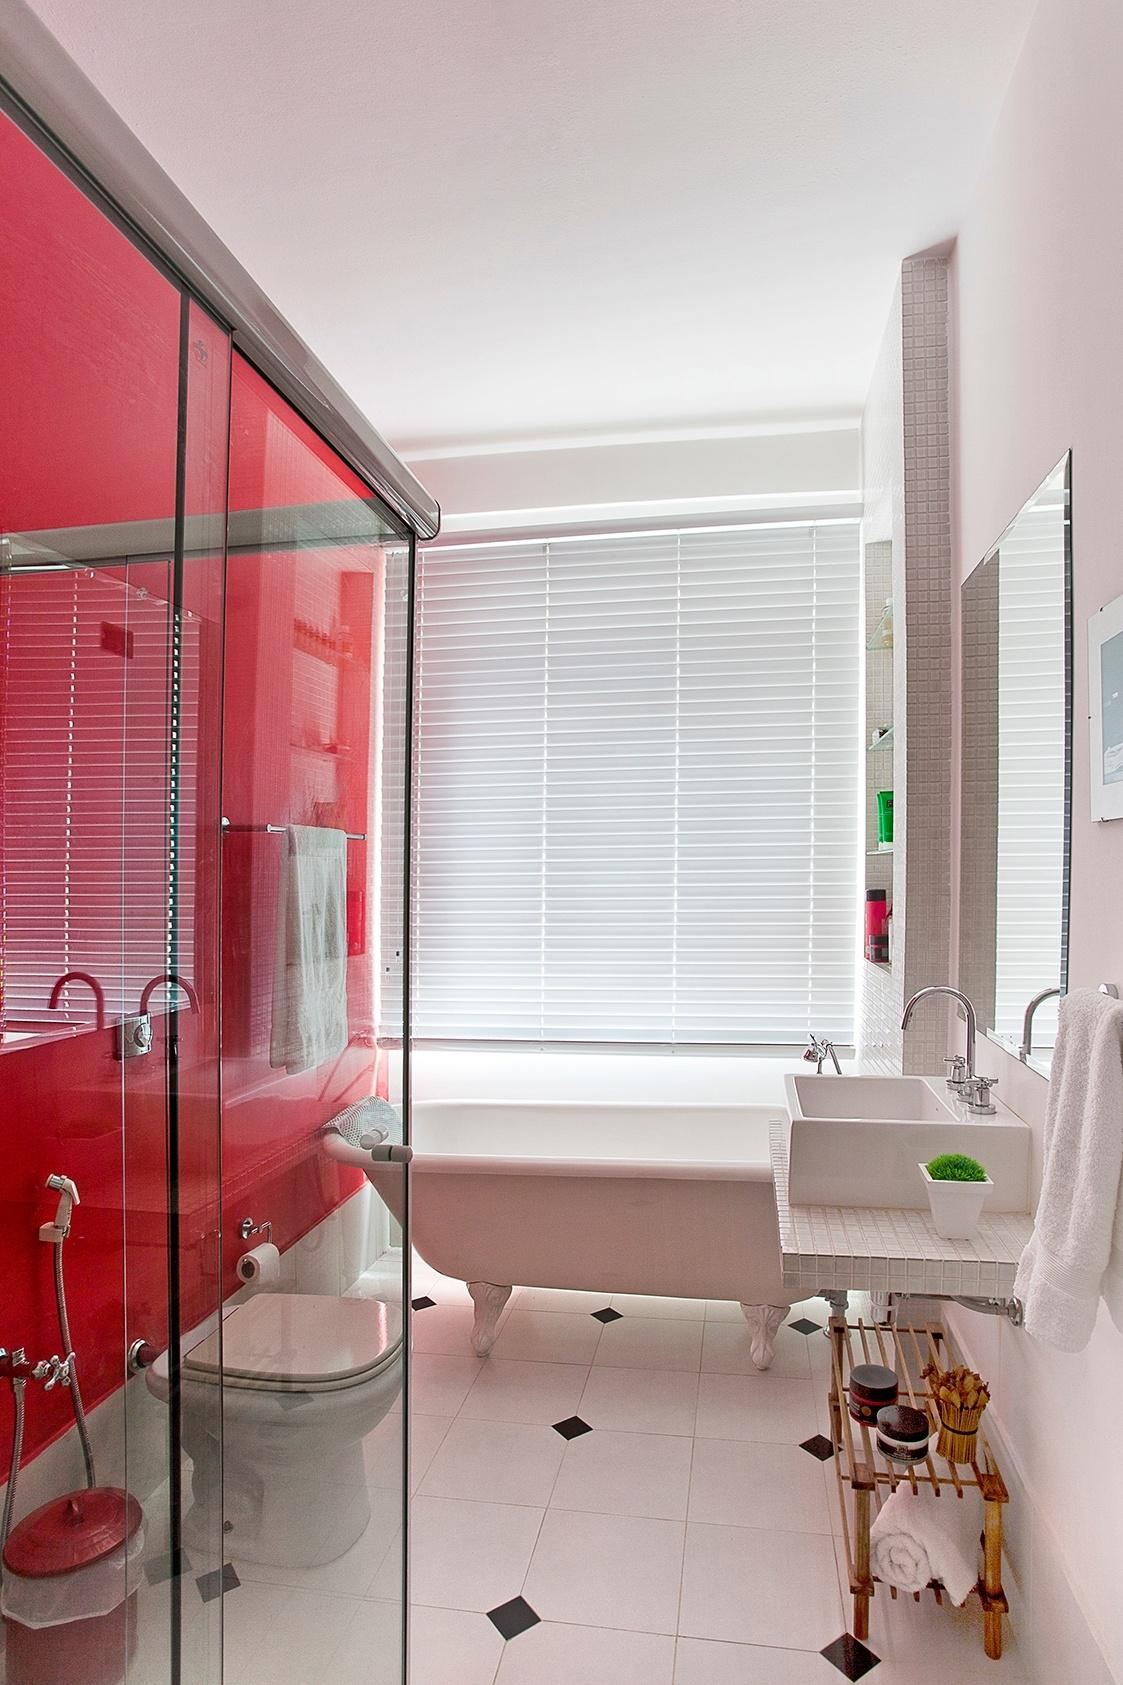 Para a reforma pouco trabalhosa, a designer Bianka Mugnatto basicamente trocou os revestimentos do banheiro: as paredes receberam tinta látex branco-neve acetinado (Suvinil) e o antigo boxe de acrílico foi substituído por um novo, de vidro temperado (8 mm). O piso cerâmico comum é composto de peças 30 cm x 30 cm e as louças, metais e acessórios são da Deca. Para oferecer privacidade ao usuário, foi instalada uma persiana da Luxaflex